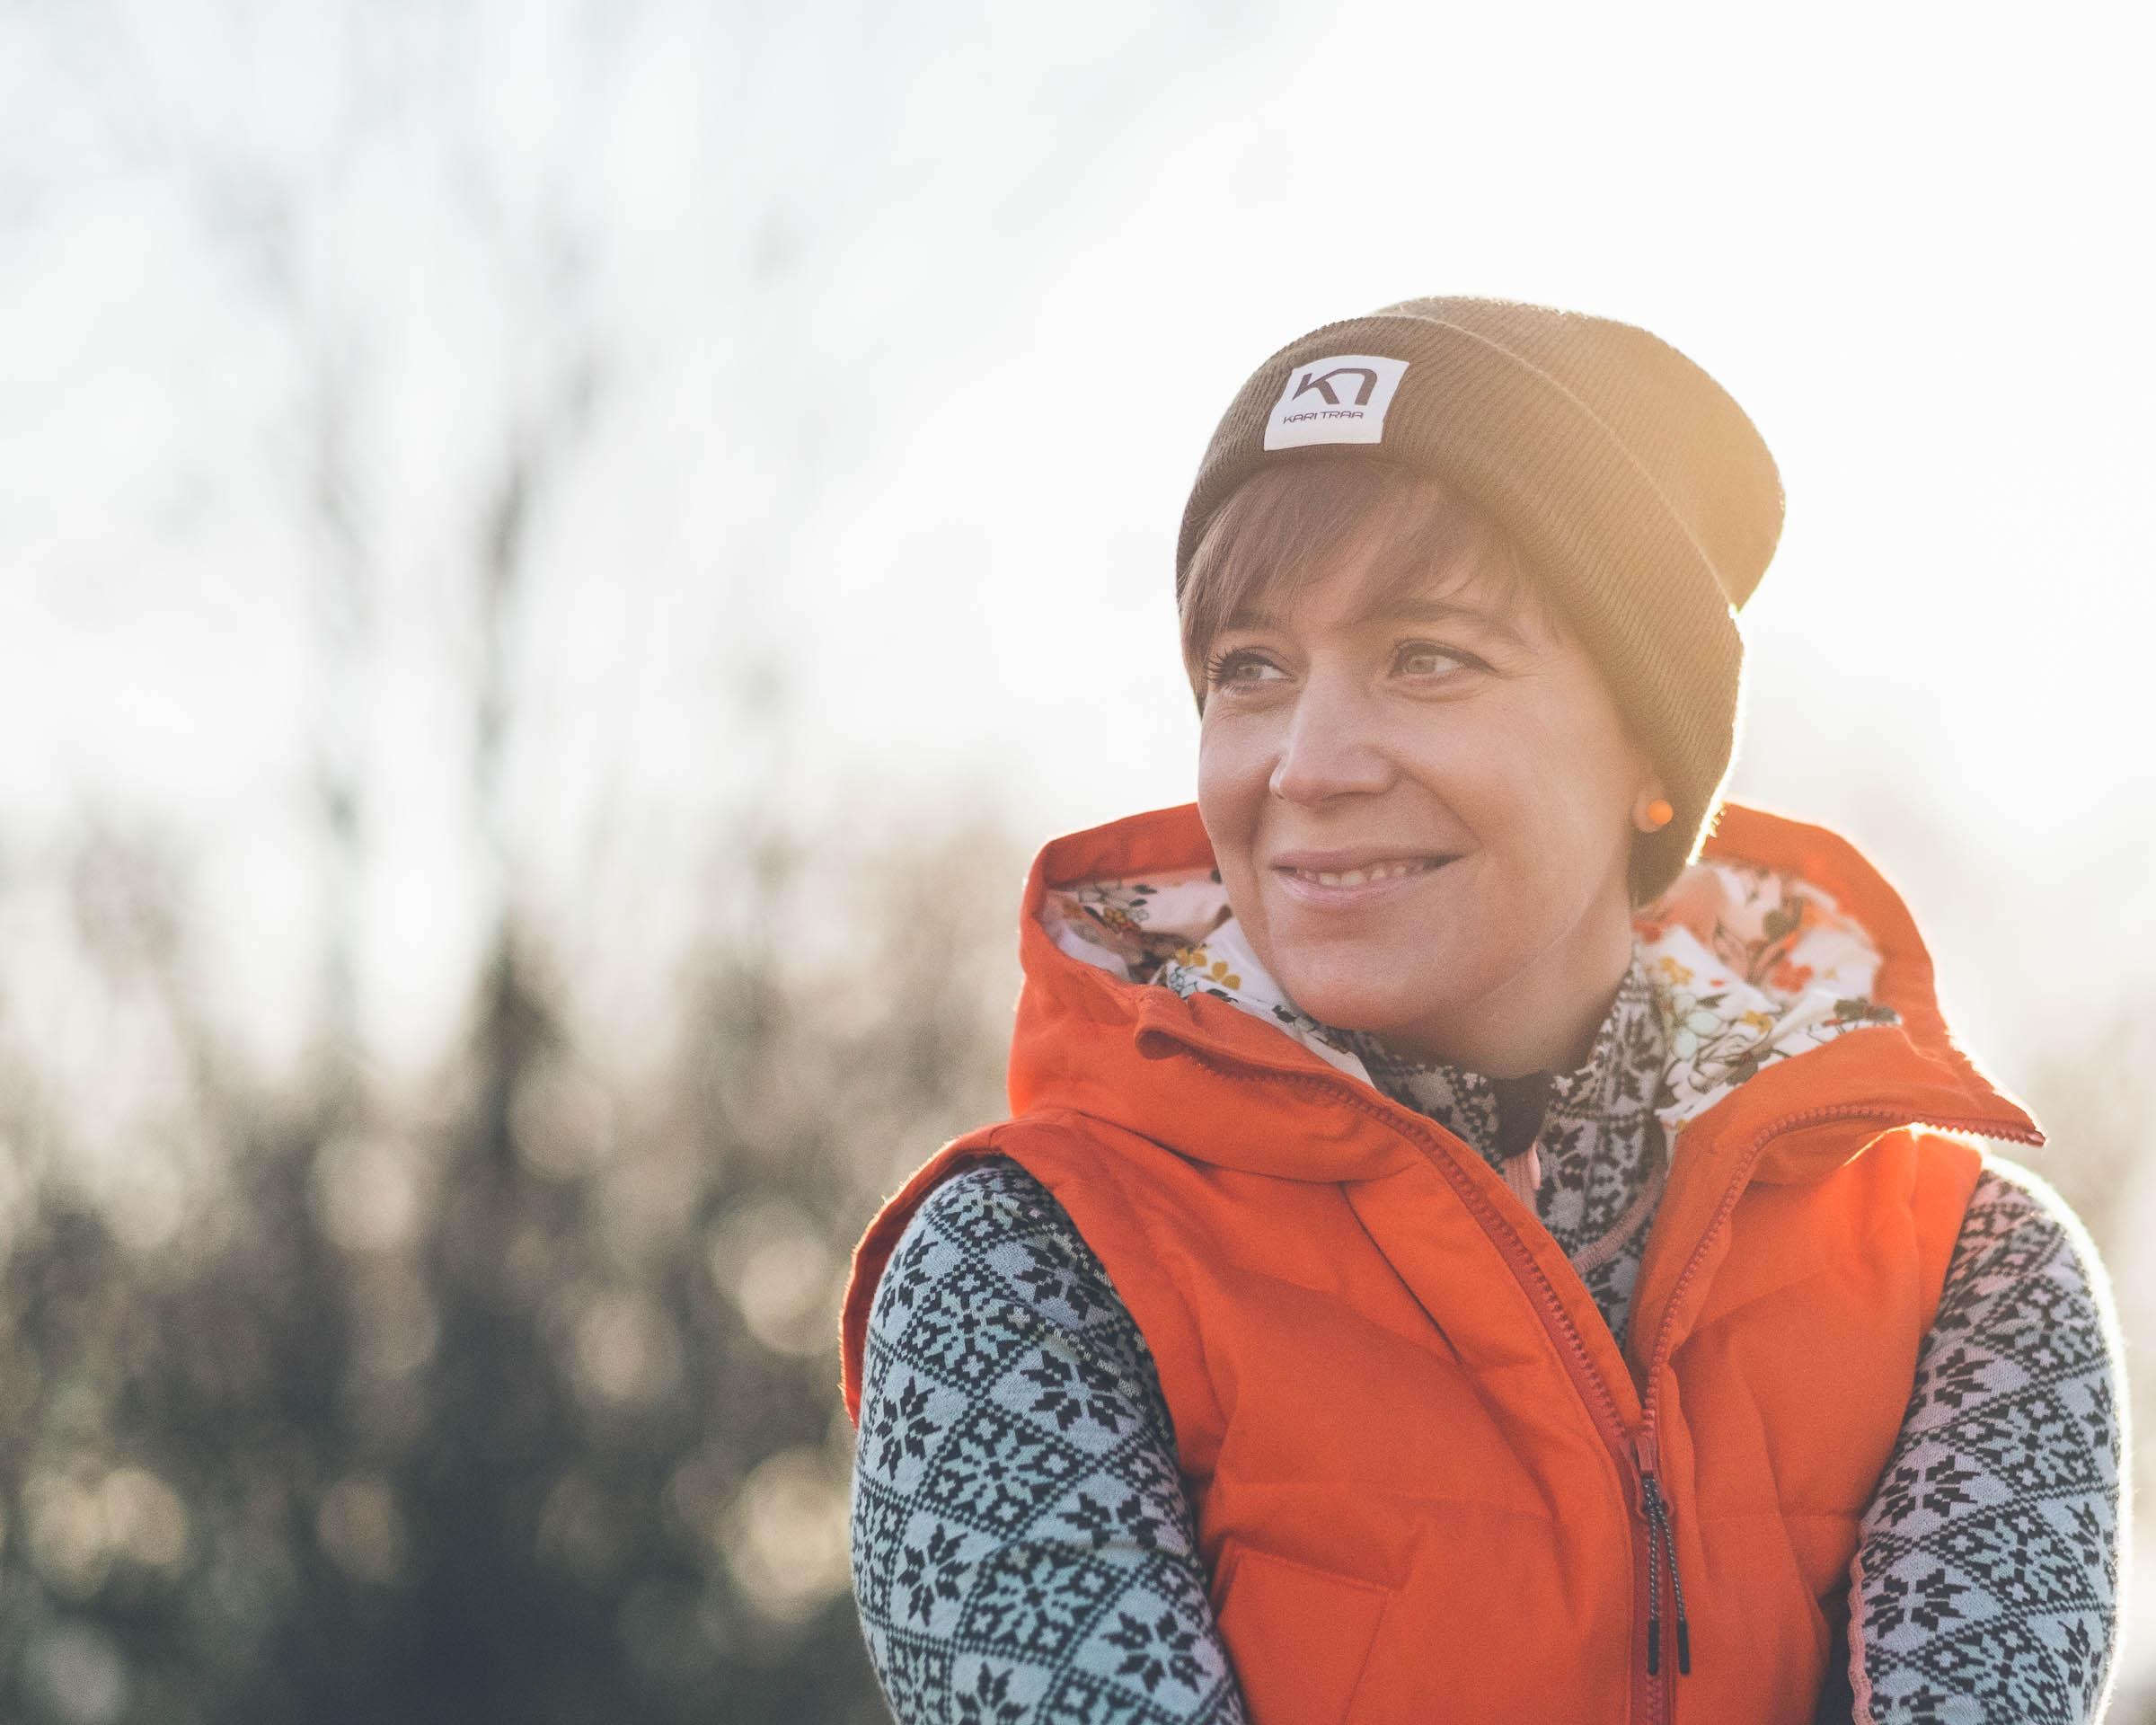 Norská sportovní móda pro holky Kari Traa